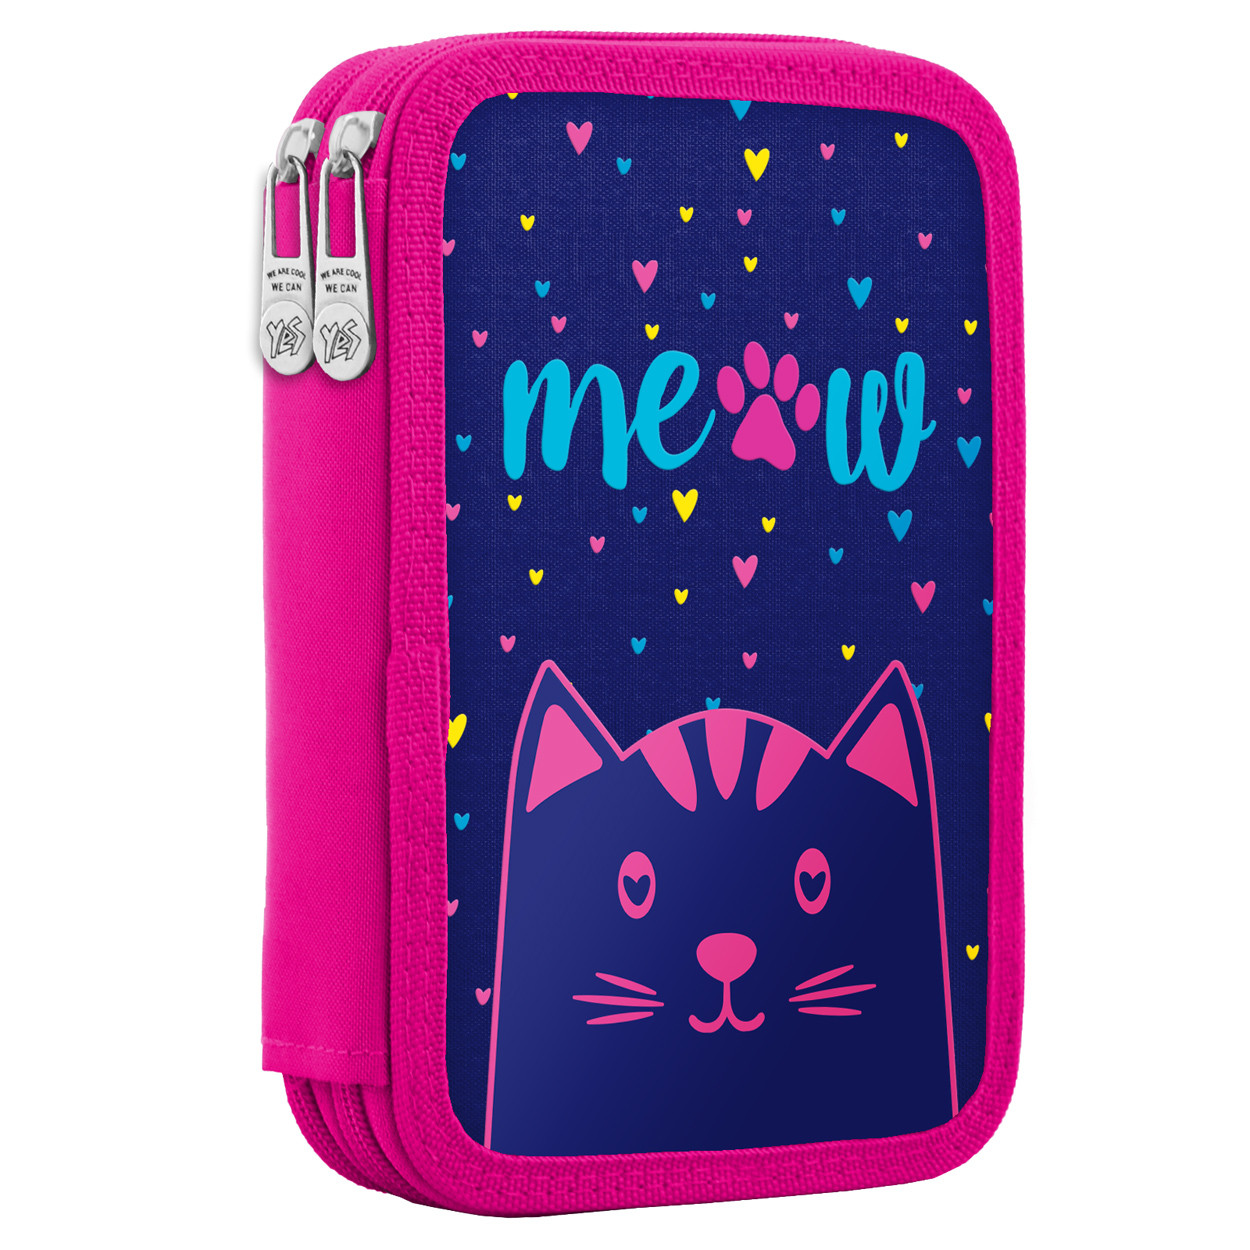 Пенал твердый YES двойной HP-01 Meow Фиолетовый (532881)+Подарок 1 мес. приложения Родительский контроль